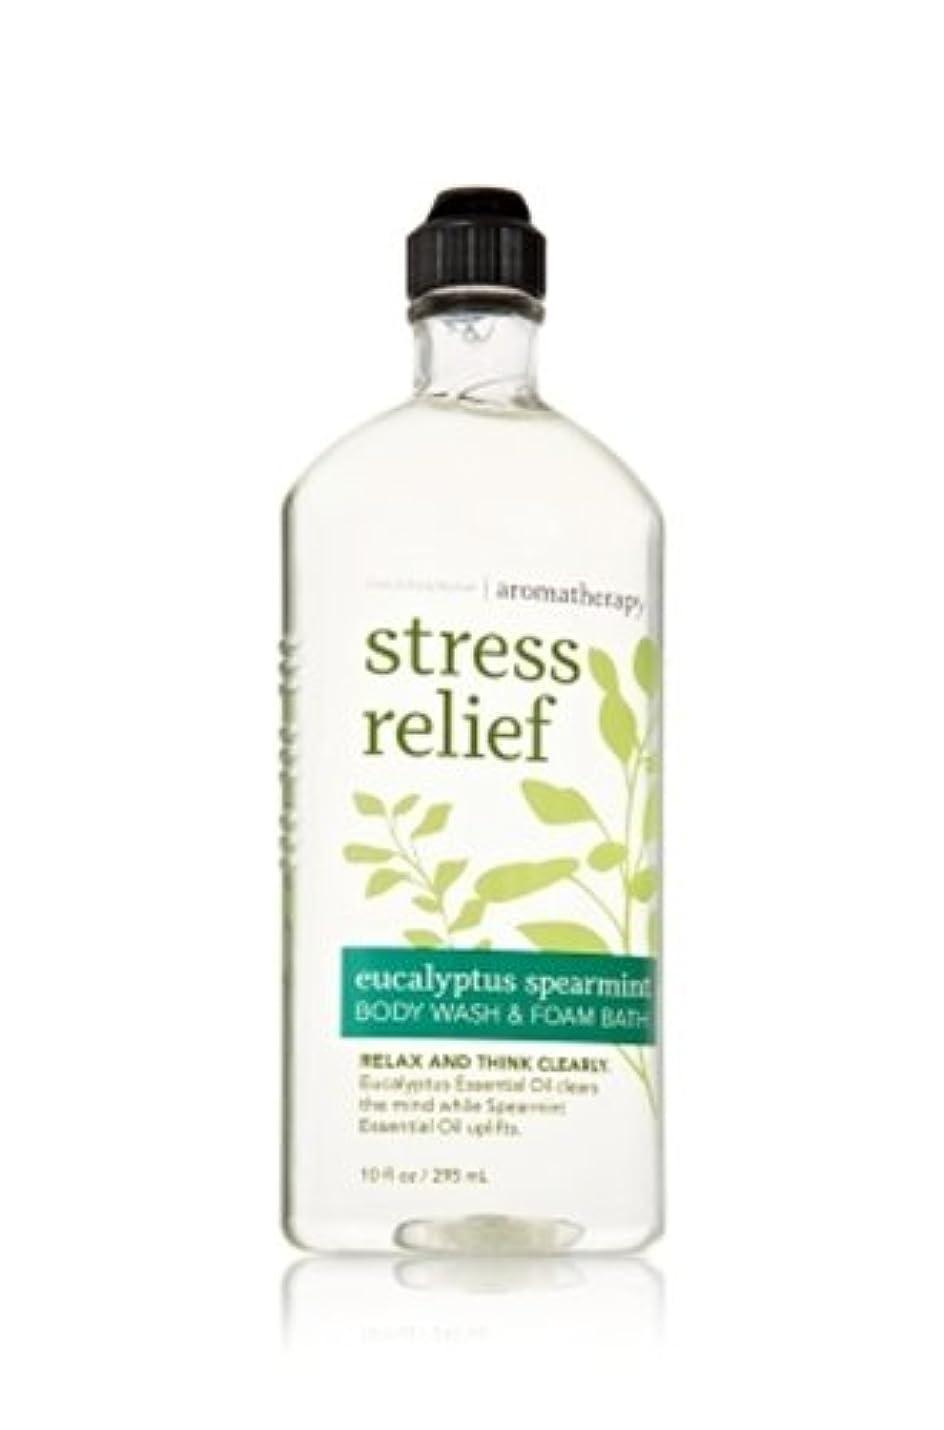 変えるサイレン差し控える【Bath&Body Works/バス&ボディワークス】 ボディウォッシュ&フォームバス アロマセラピー ストレスリリーフ ユーカリスペアミント Body Wash & Foam Bath Aromatherapy Stress...